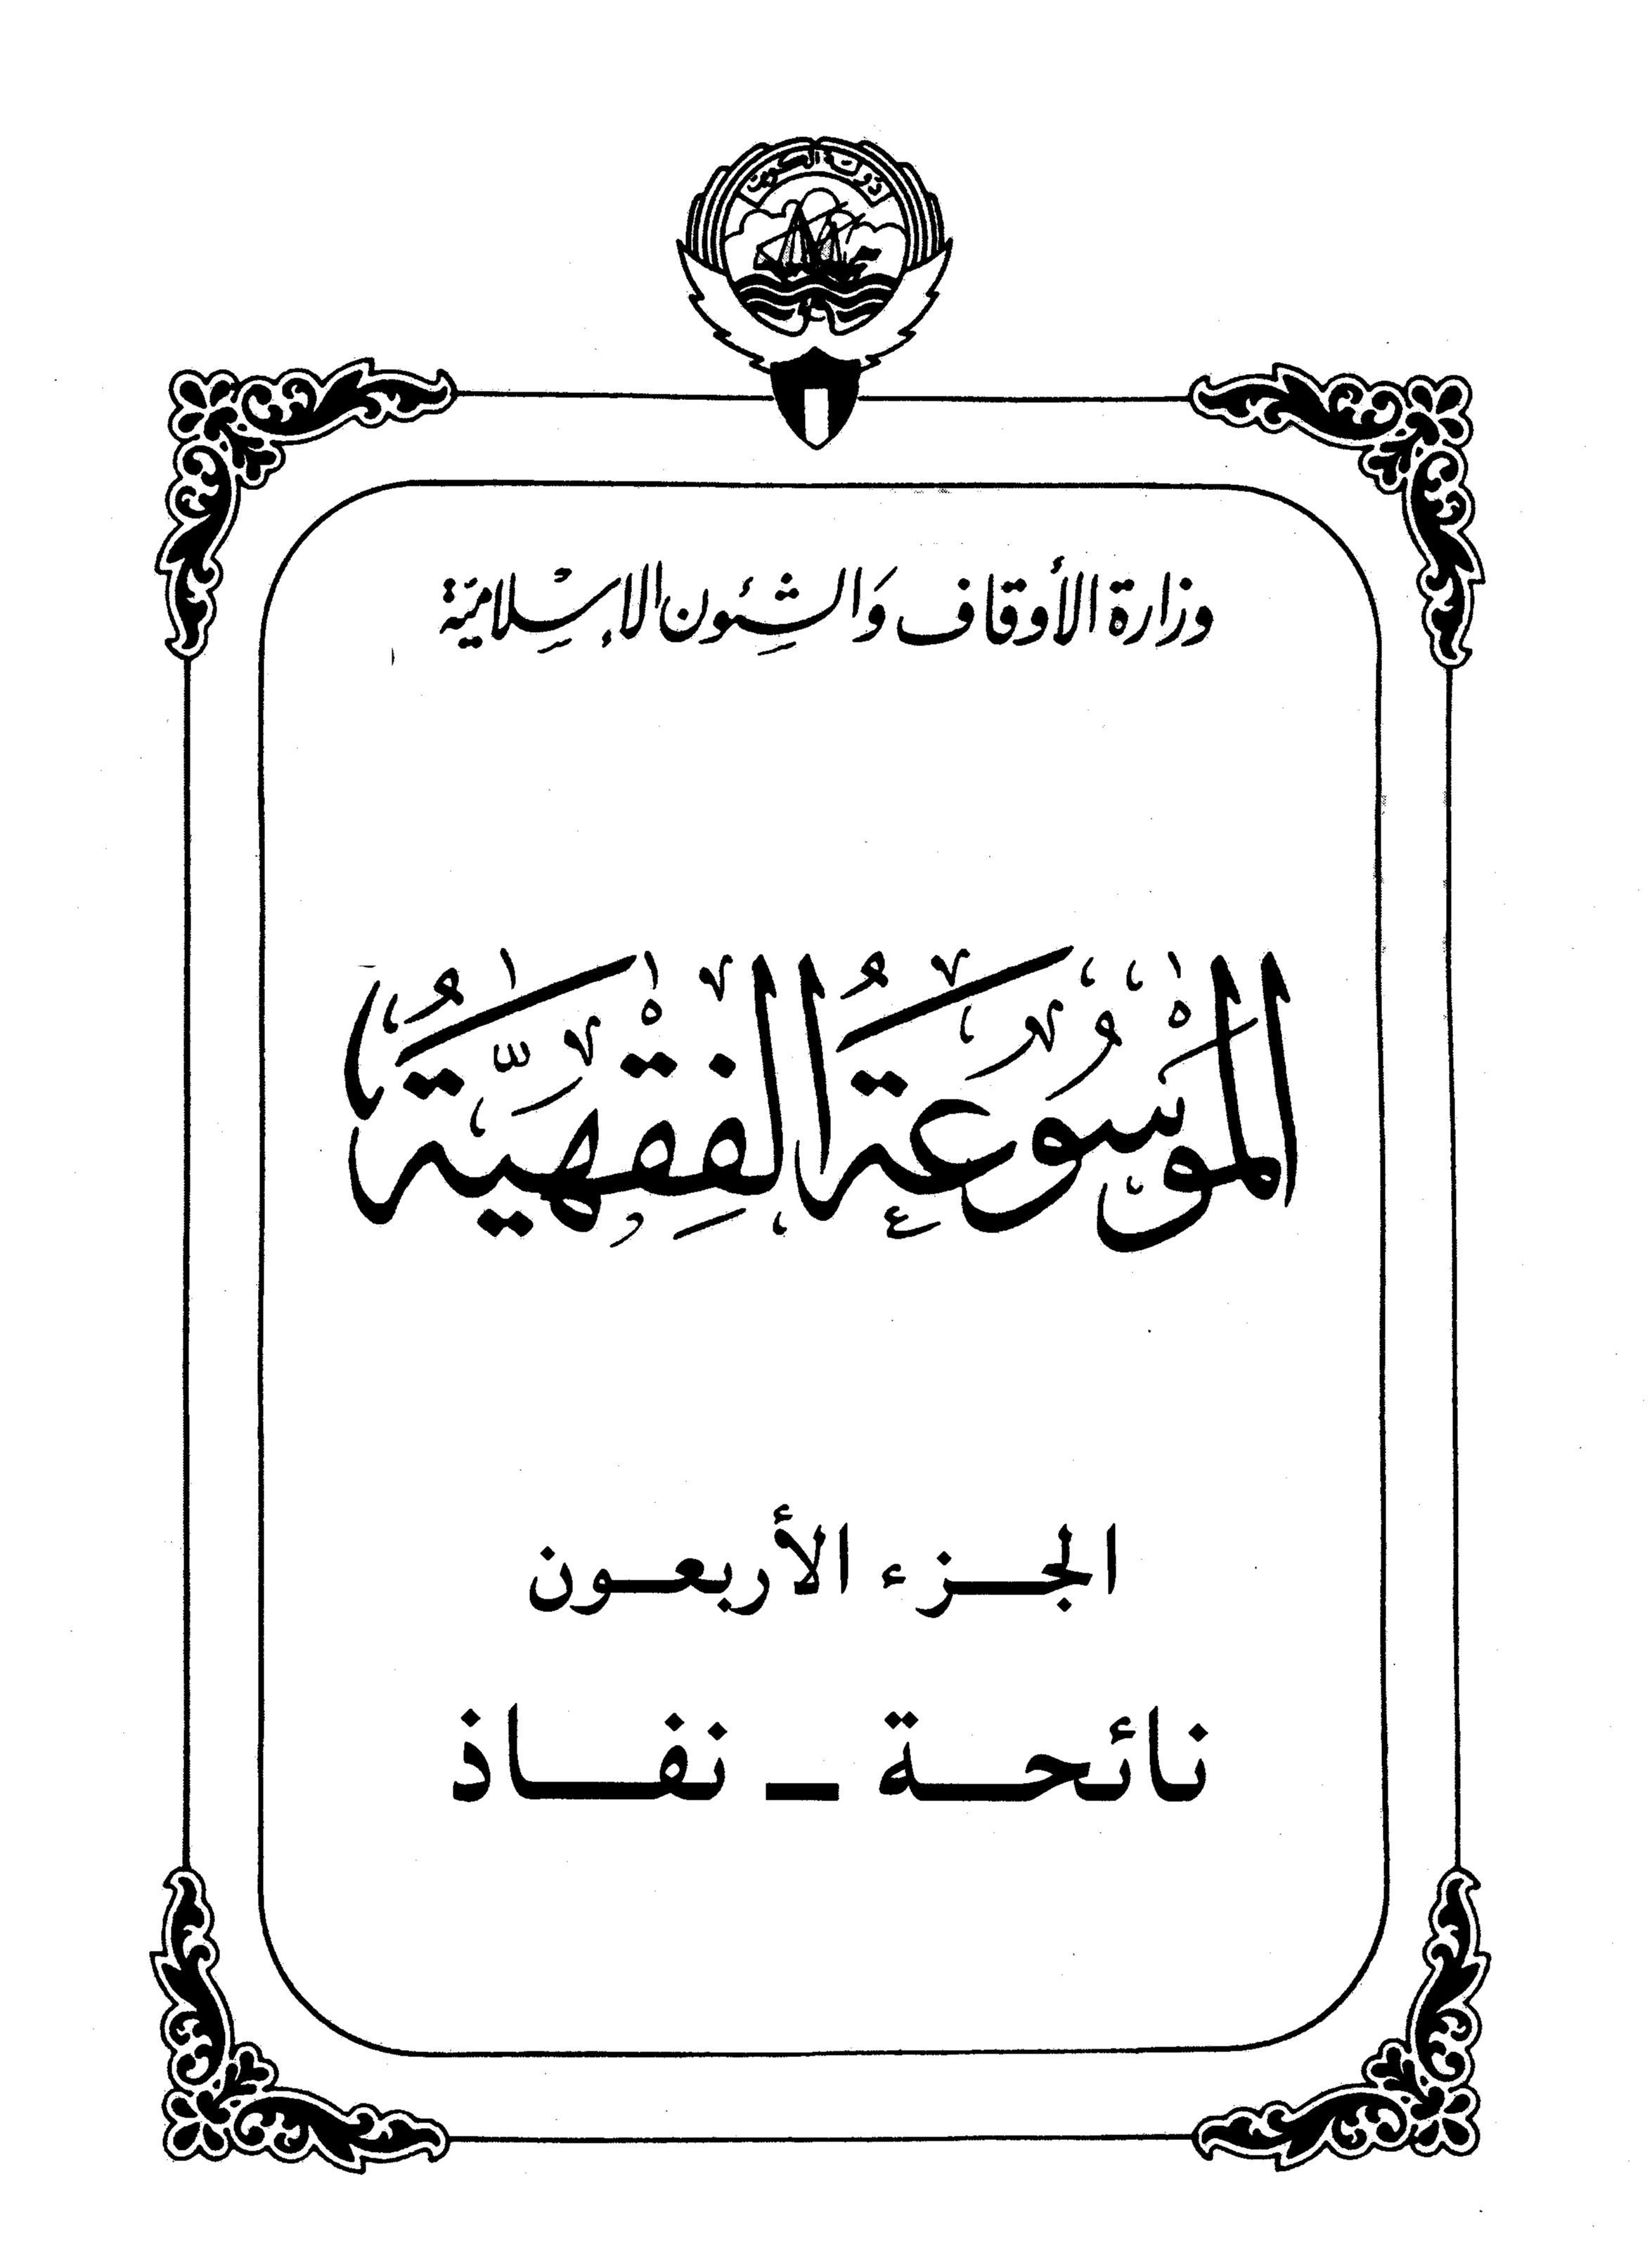 الموسوعة الفقهية الكويتية- الجزء الأربعون (نائحة - نفاذ)